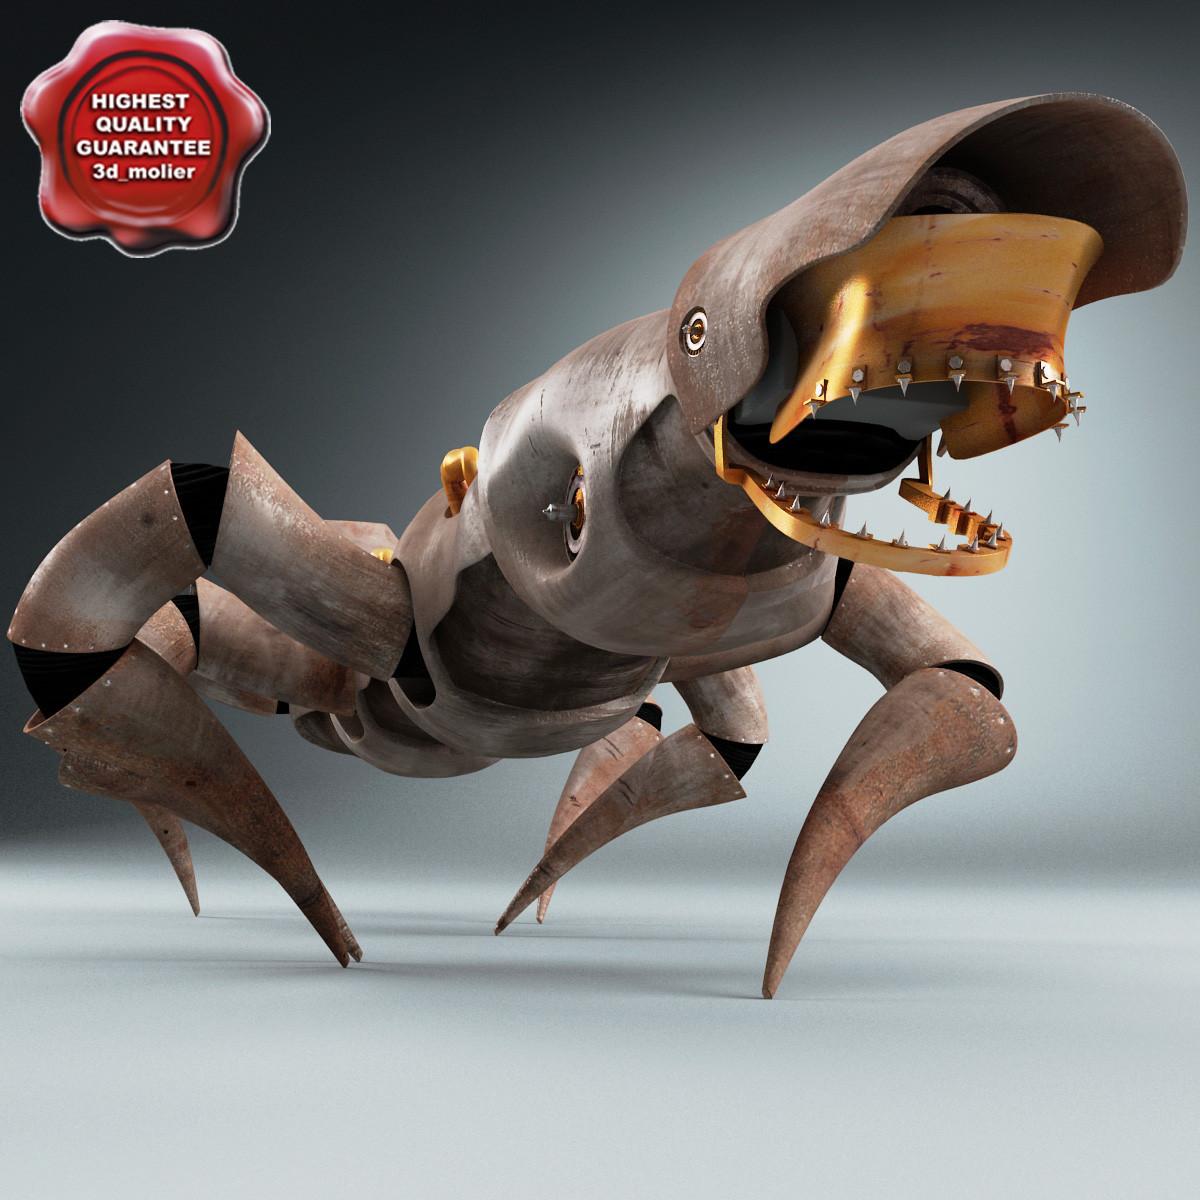 3d model of robot spider r4